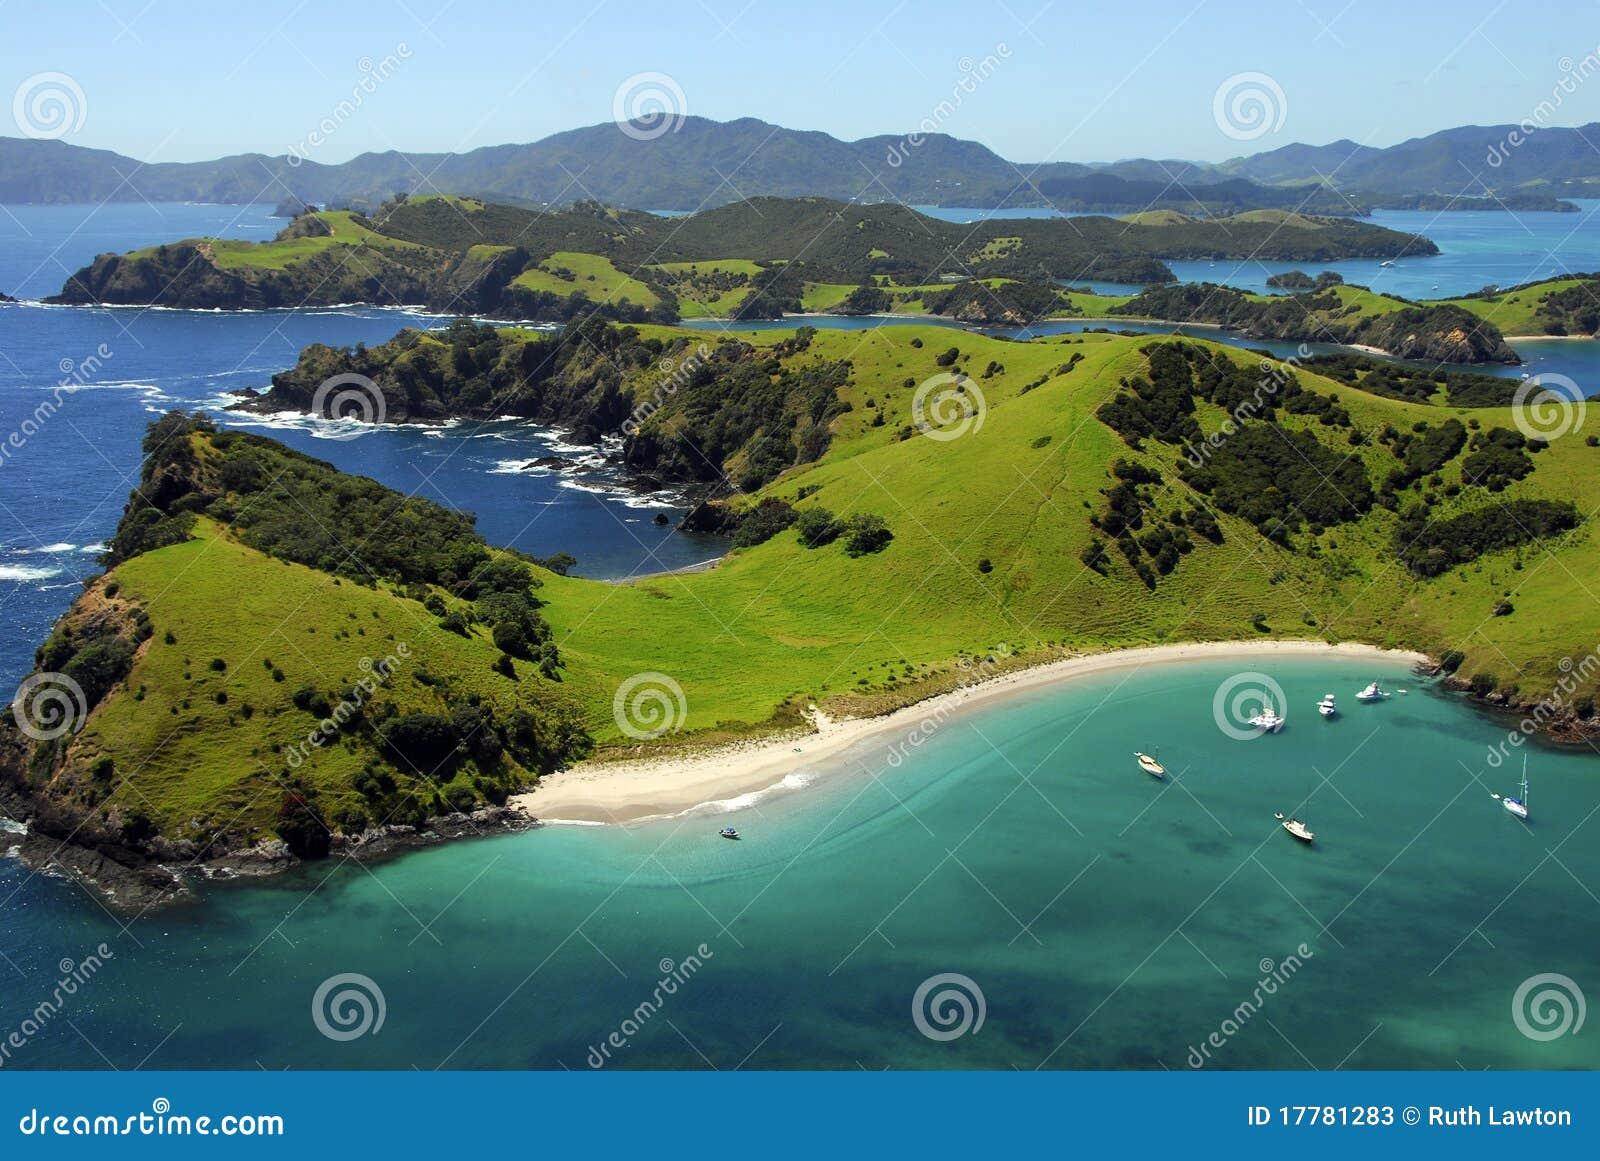 Waewaetorea Durchführung - Schacht von Inseln, Neuseeland